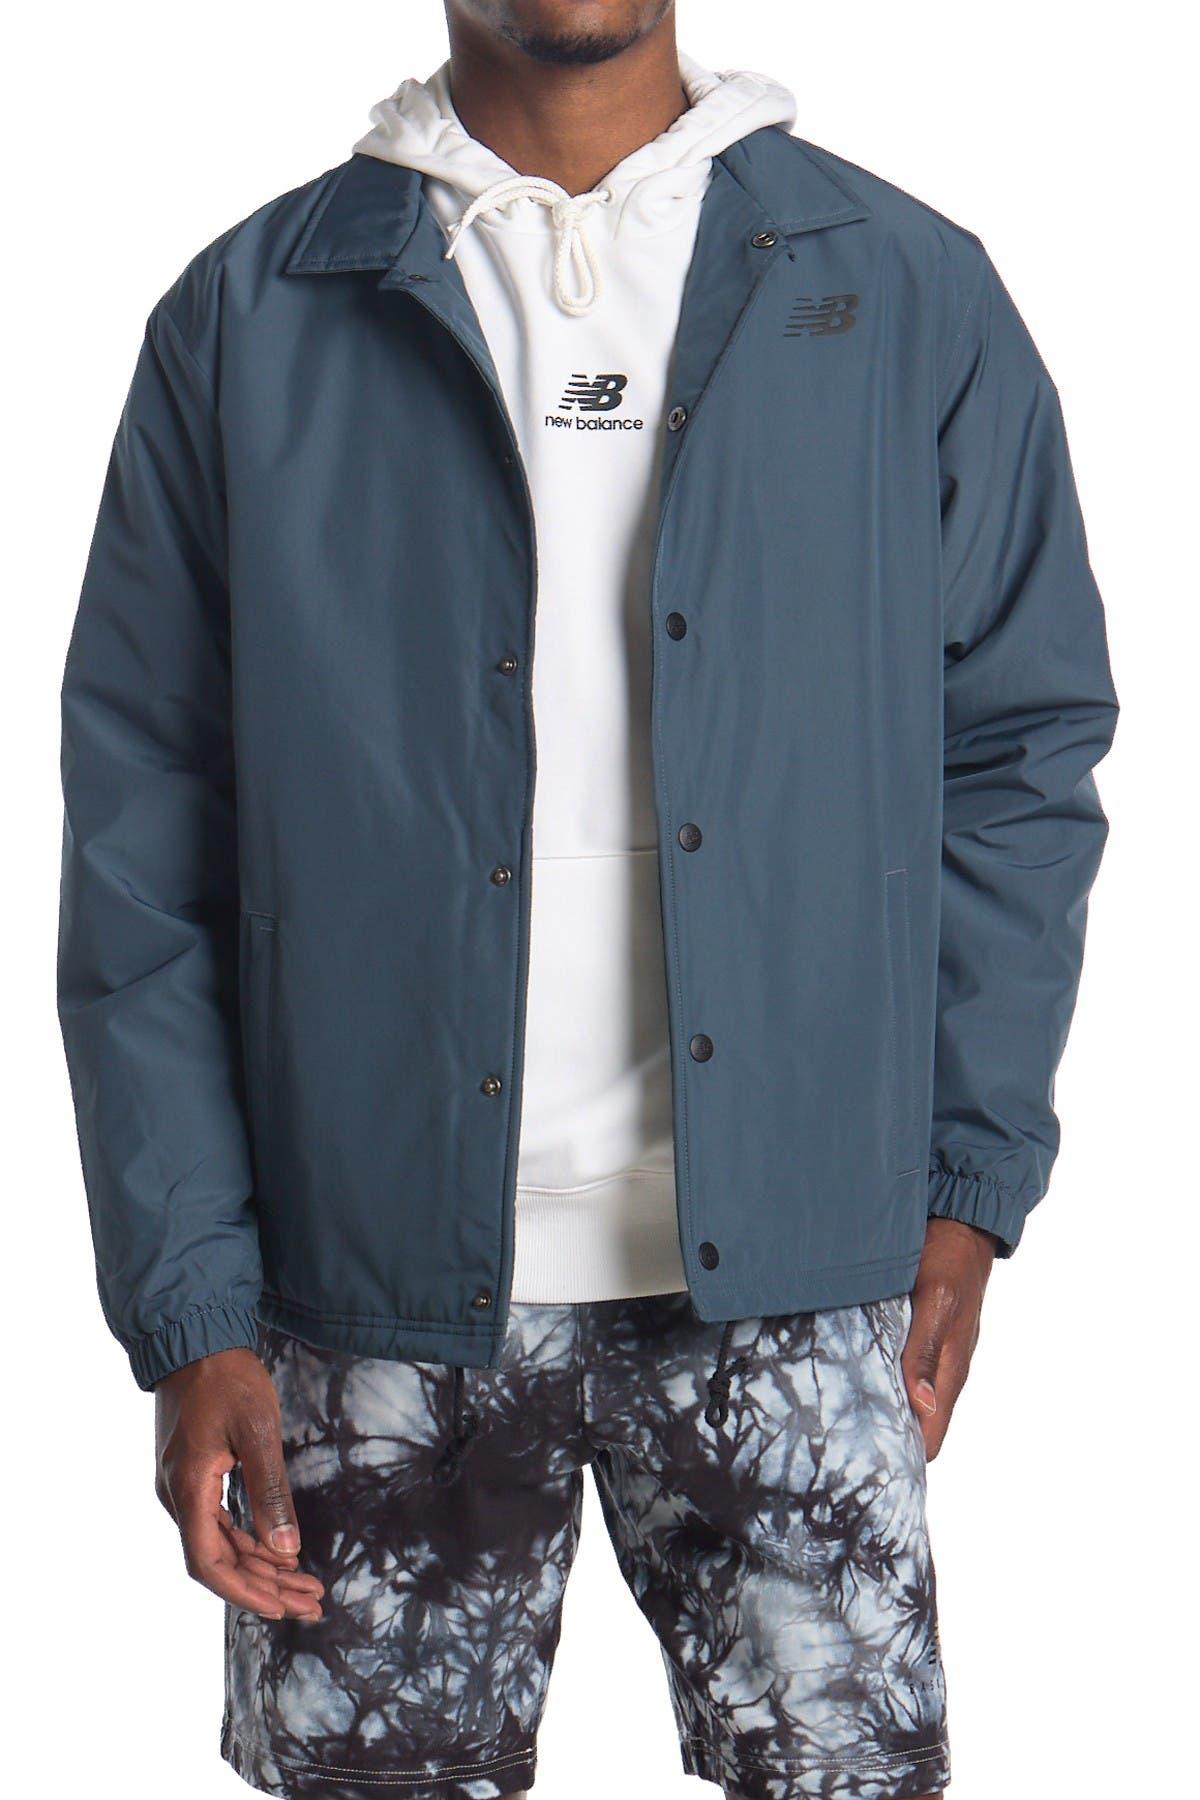 Image of New Balance Winter Jacket